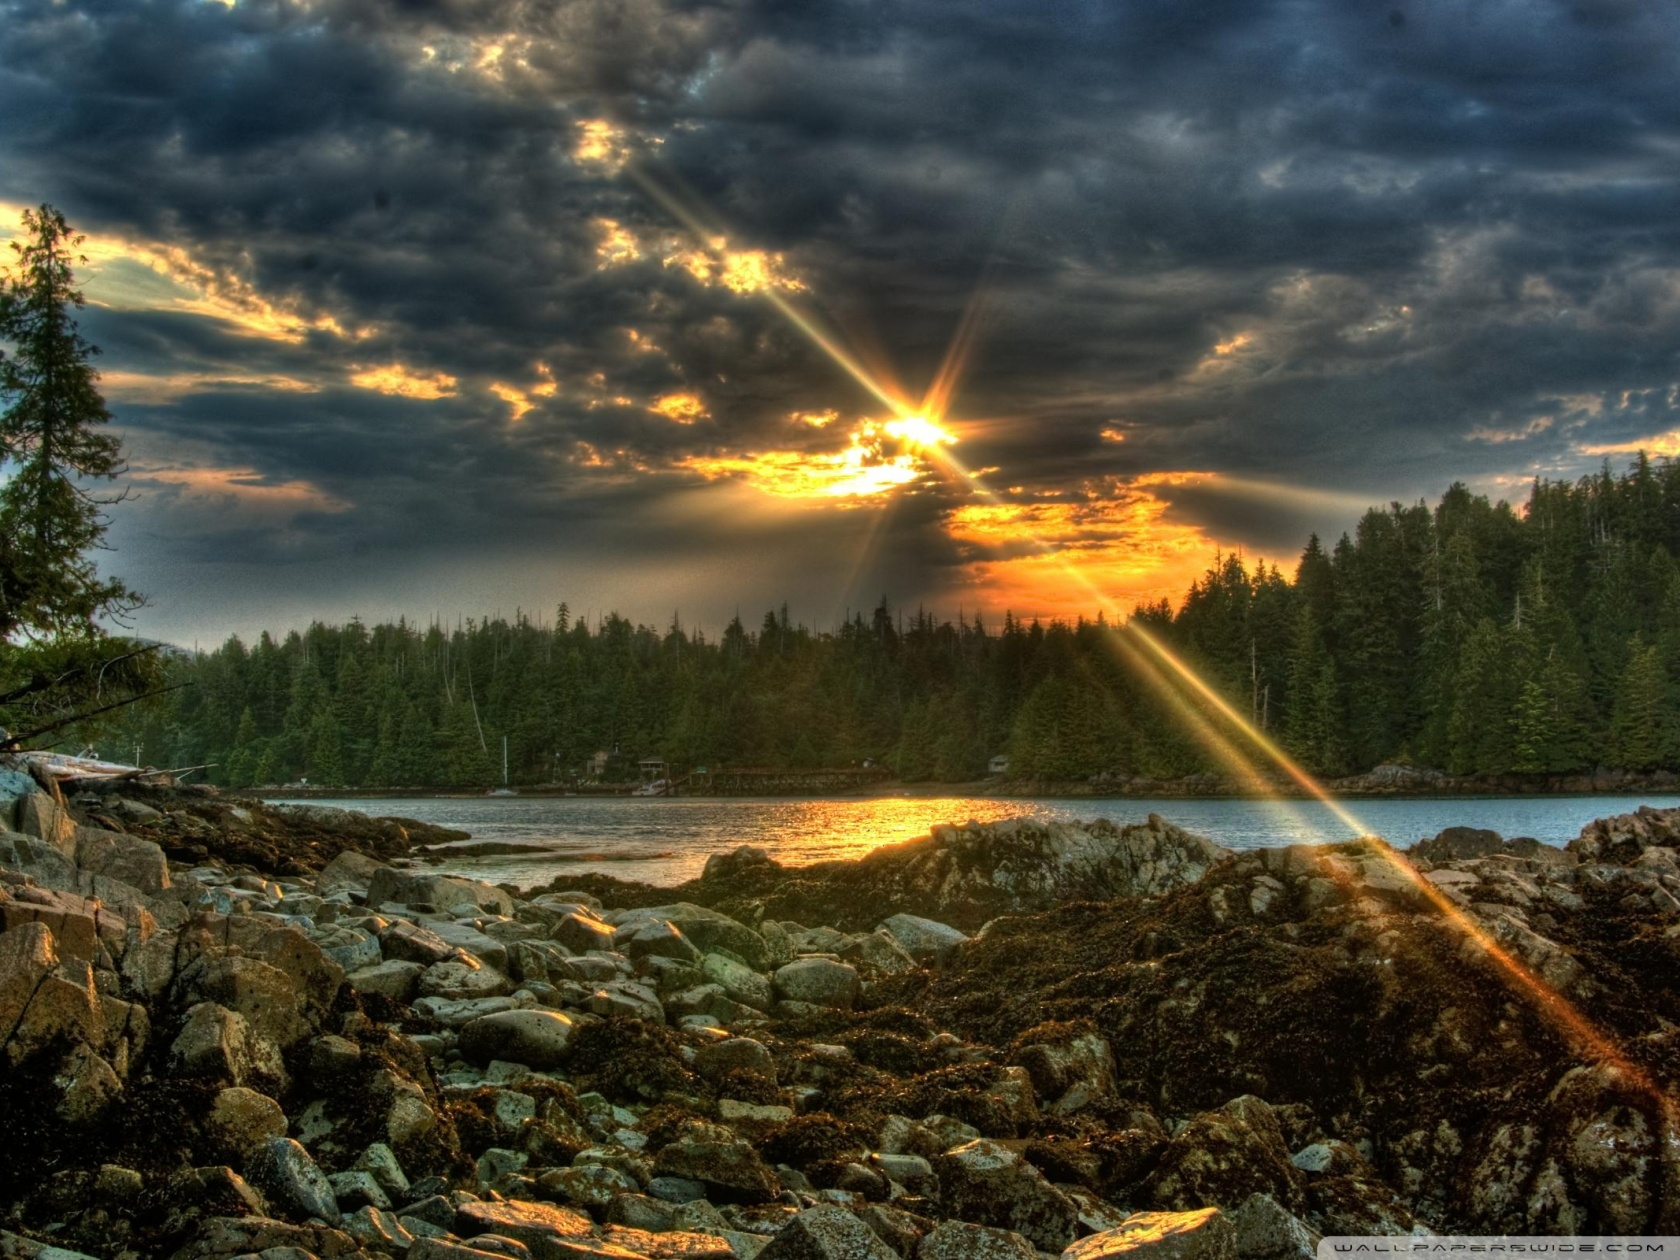 Sun Rays Through Clouds HD desktop wallpaper : High Definition